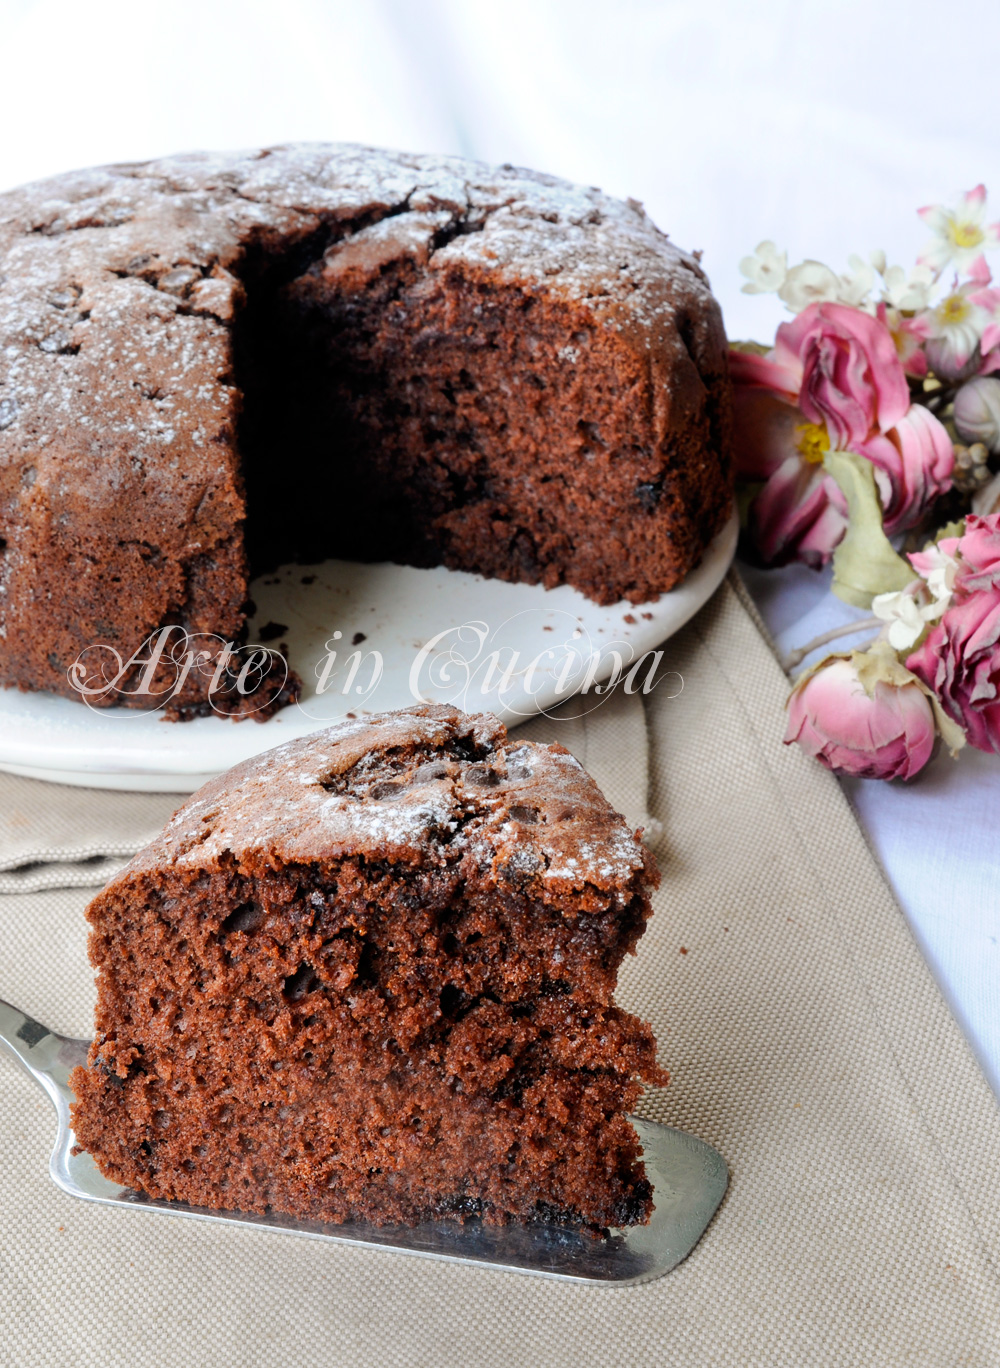 ... torta-soffice-cioccolato-arancia-veloce-senza-burro-latte- c76acf2507